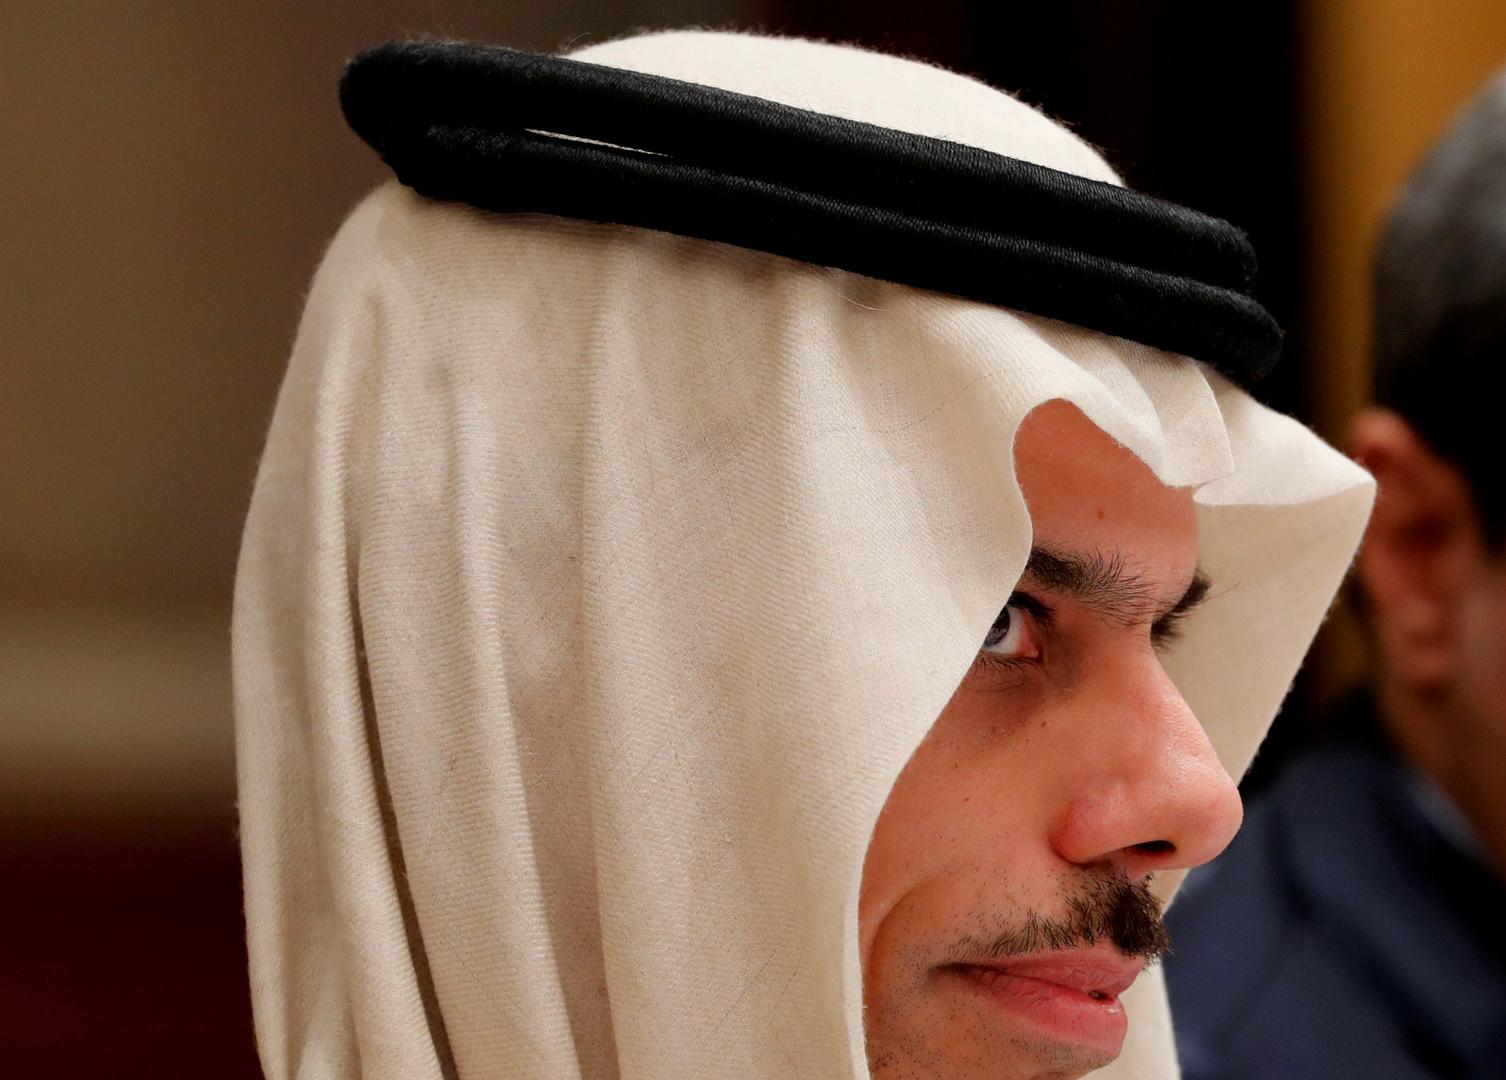 السعودية تؤكد ثبات موقفها تجاه فلسطين رغم فتح مجالها أمام الرحلات الإسرائيلية من وإلى الإمارات